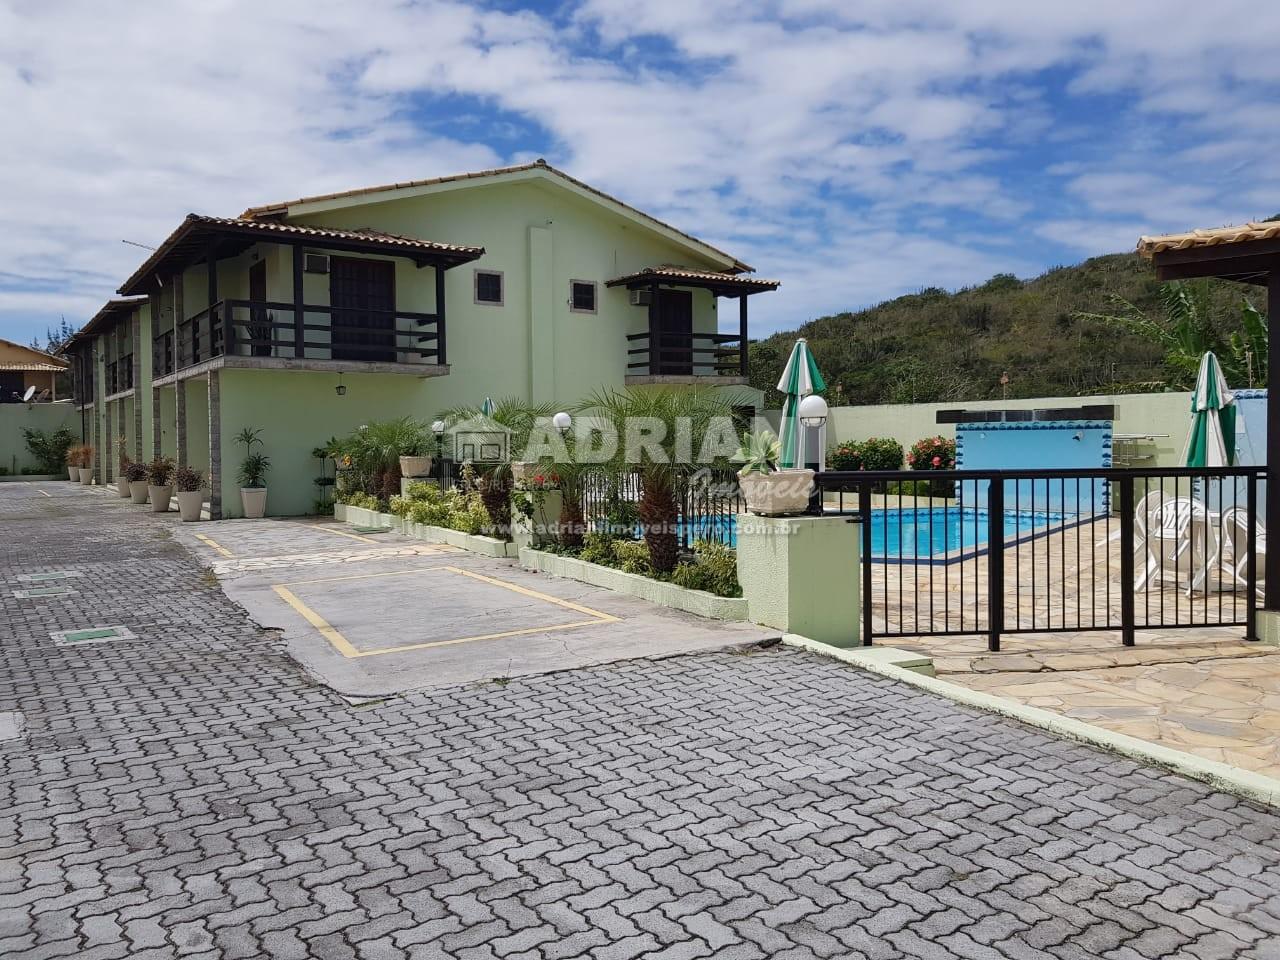 Cód 163, Casa em condomínio, 2 suítes, venda, Caminho Verde, Cabo Frio – RJ